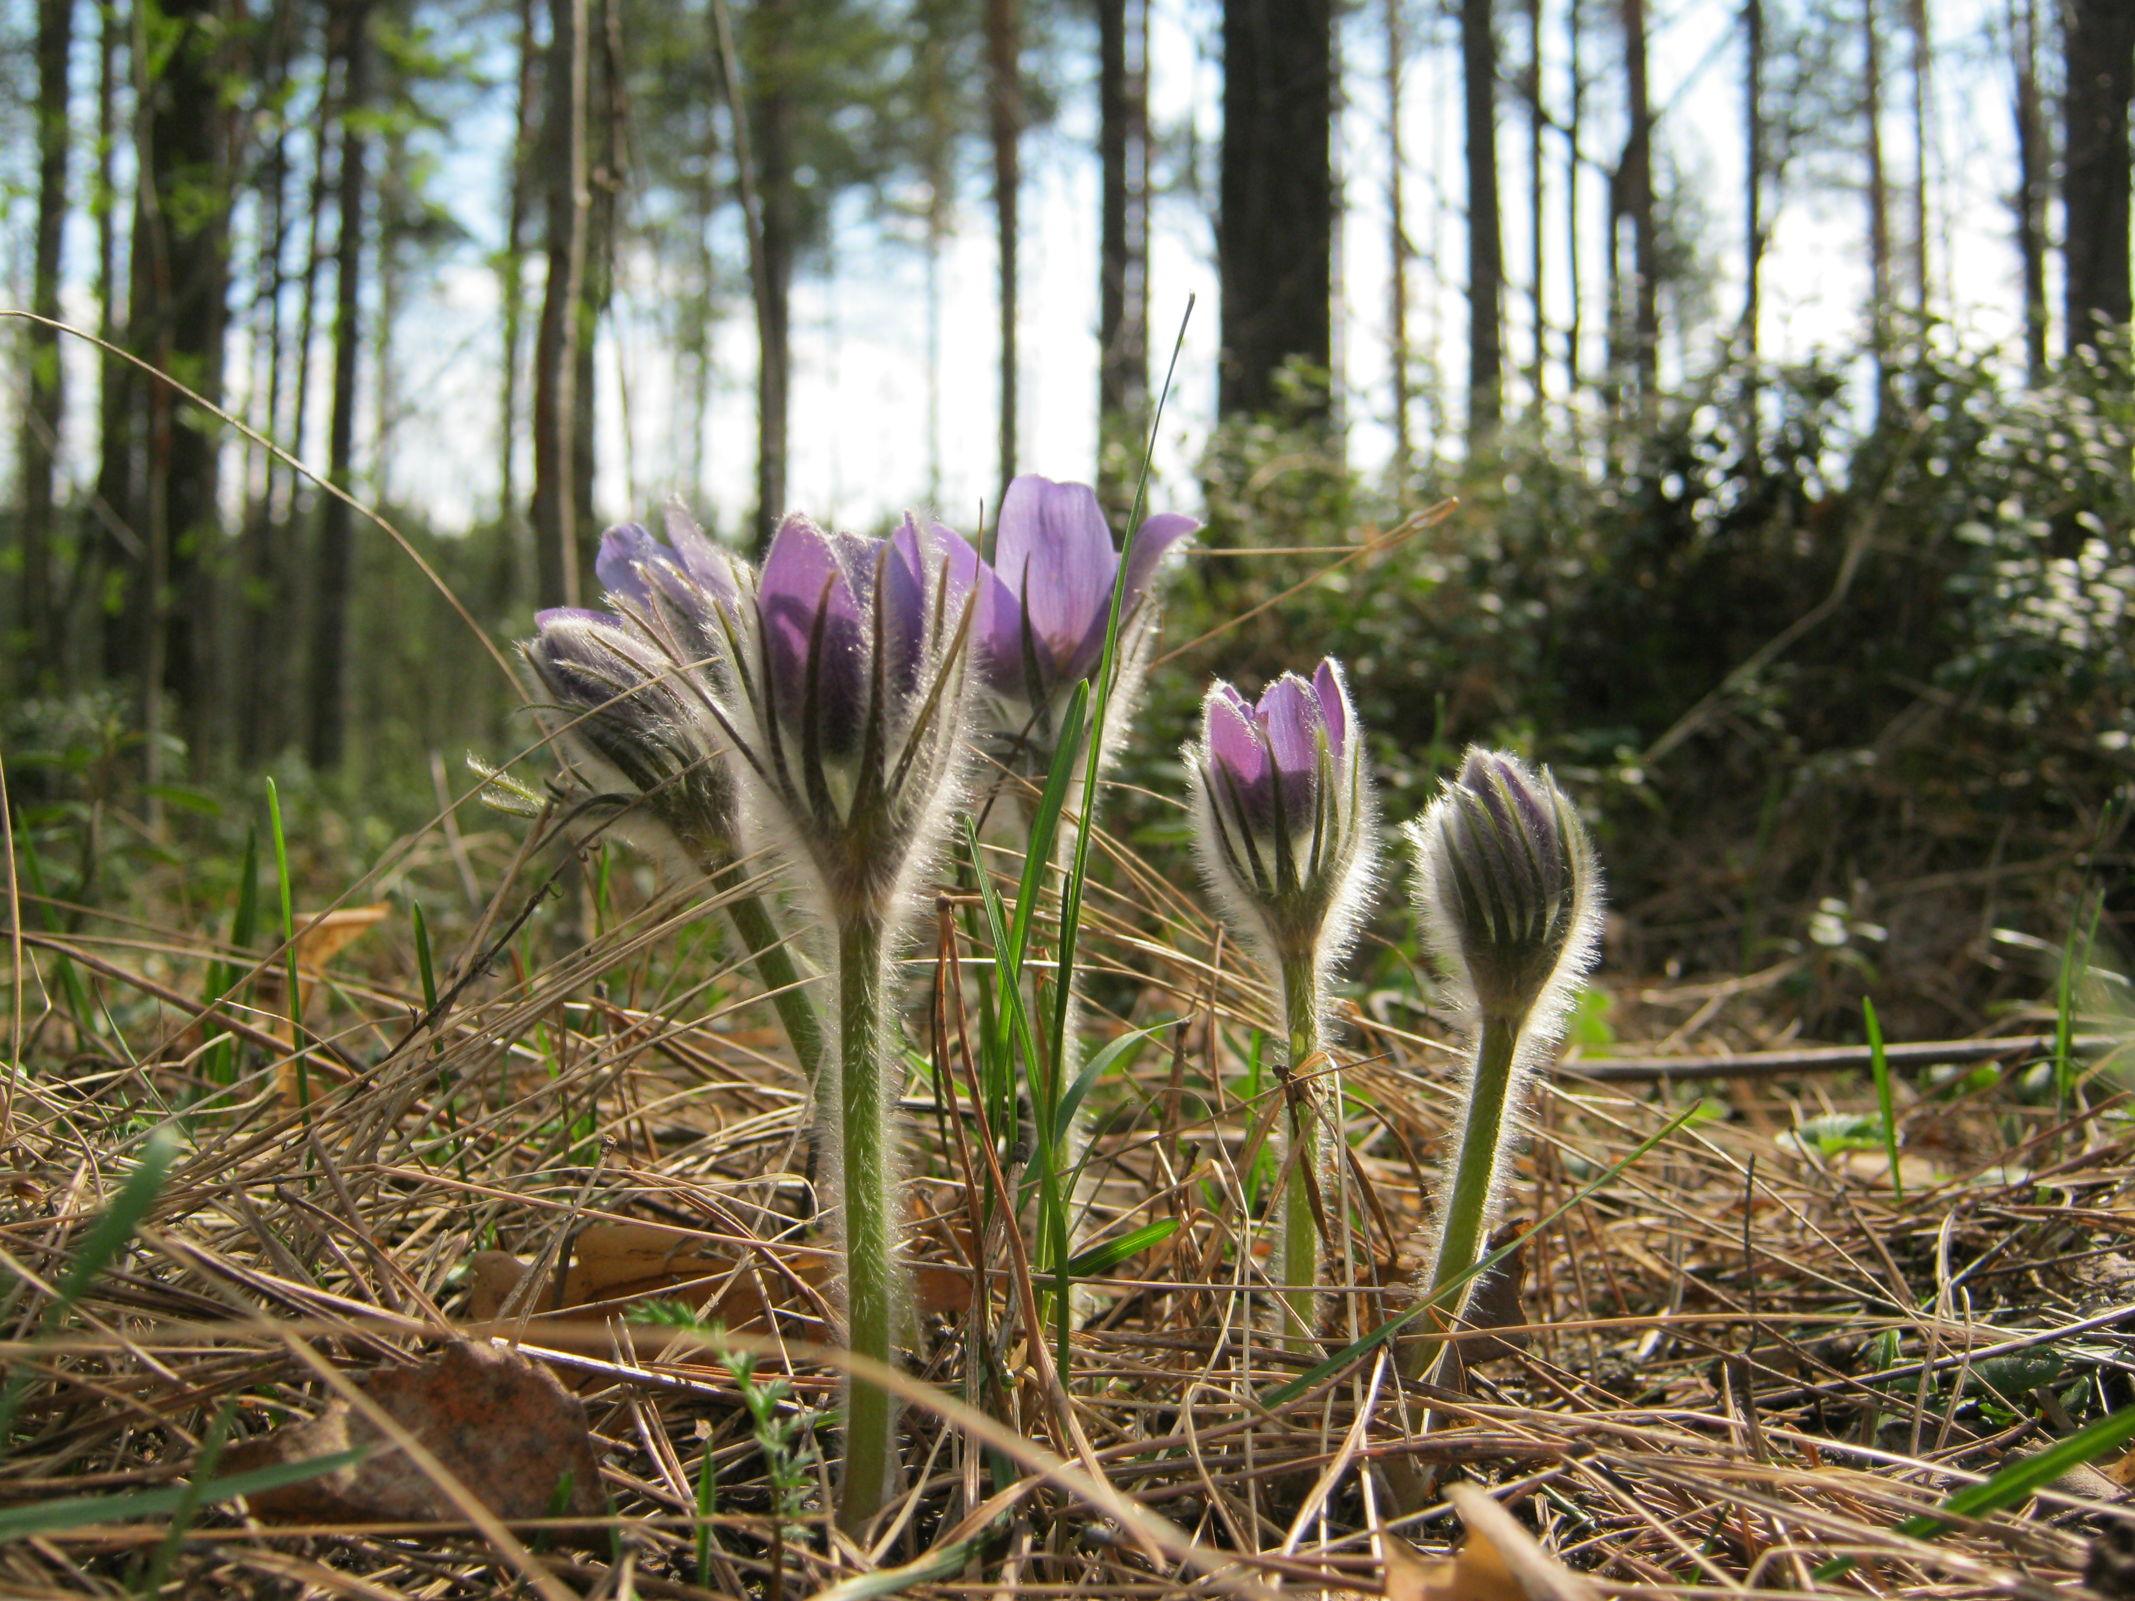 Метеорологи рассказали, когда придет настоящая весна в центральные регионы России